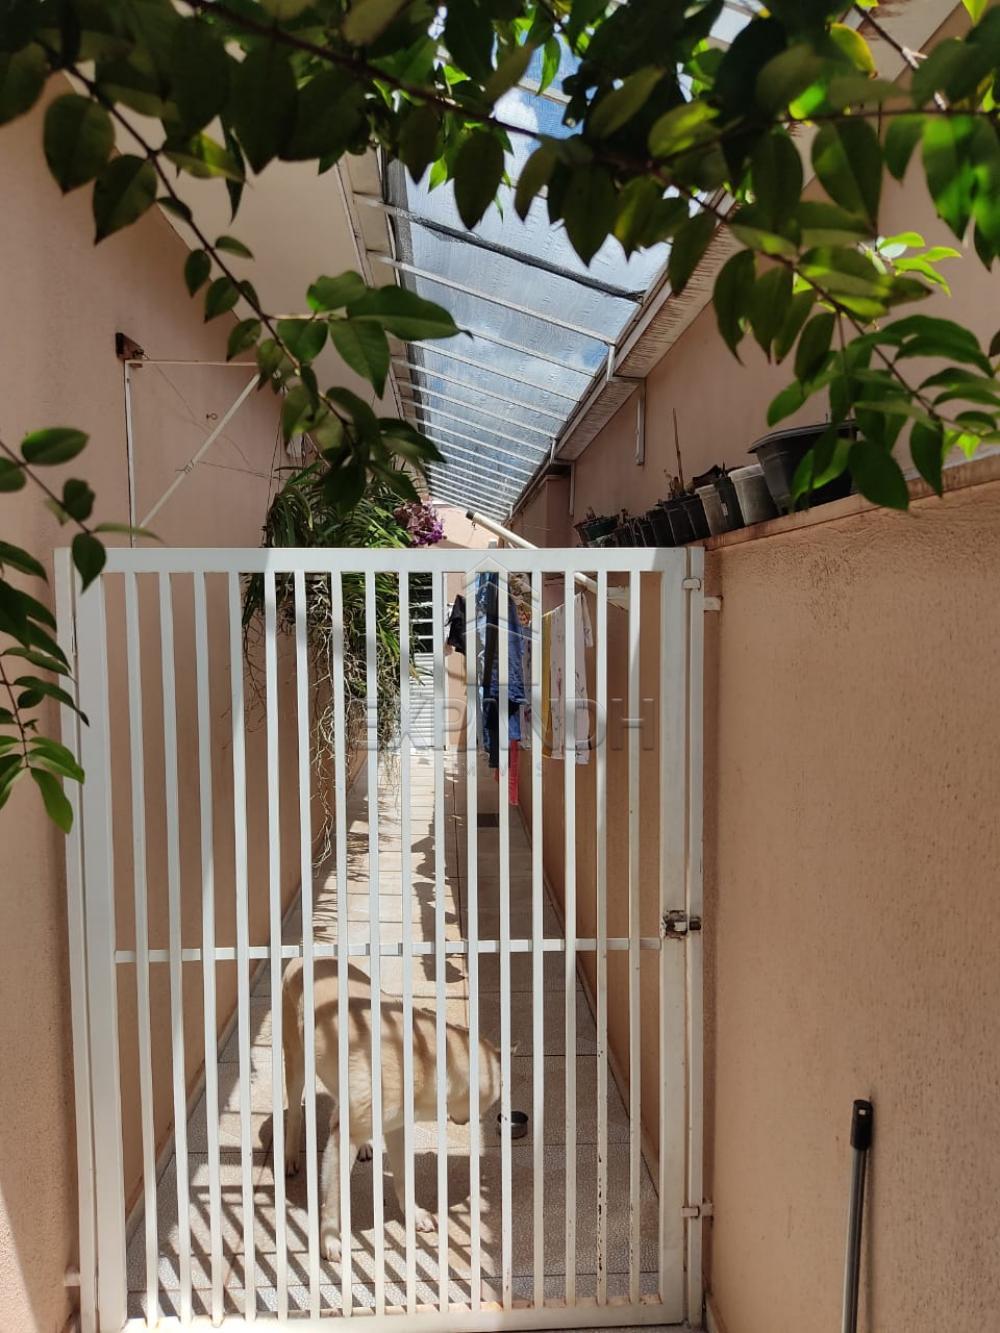 Comprar Casas / Condomínio em Sertãozinho R$ 640.000,00 - Foto 21